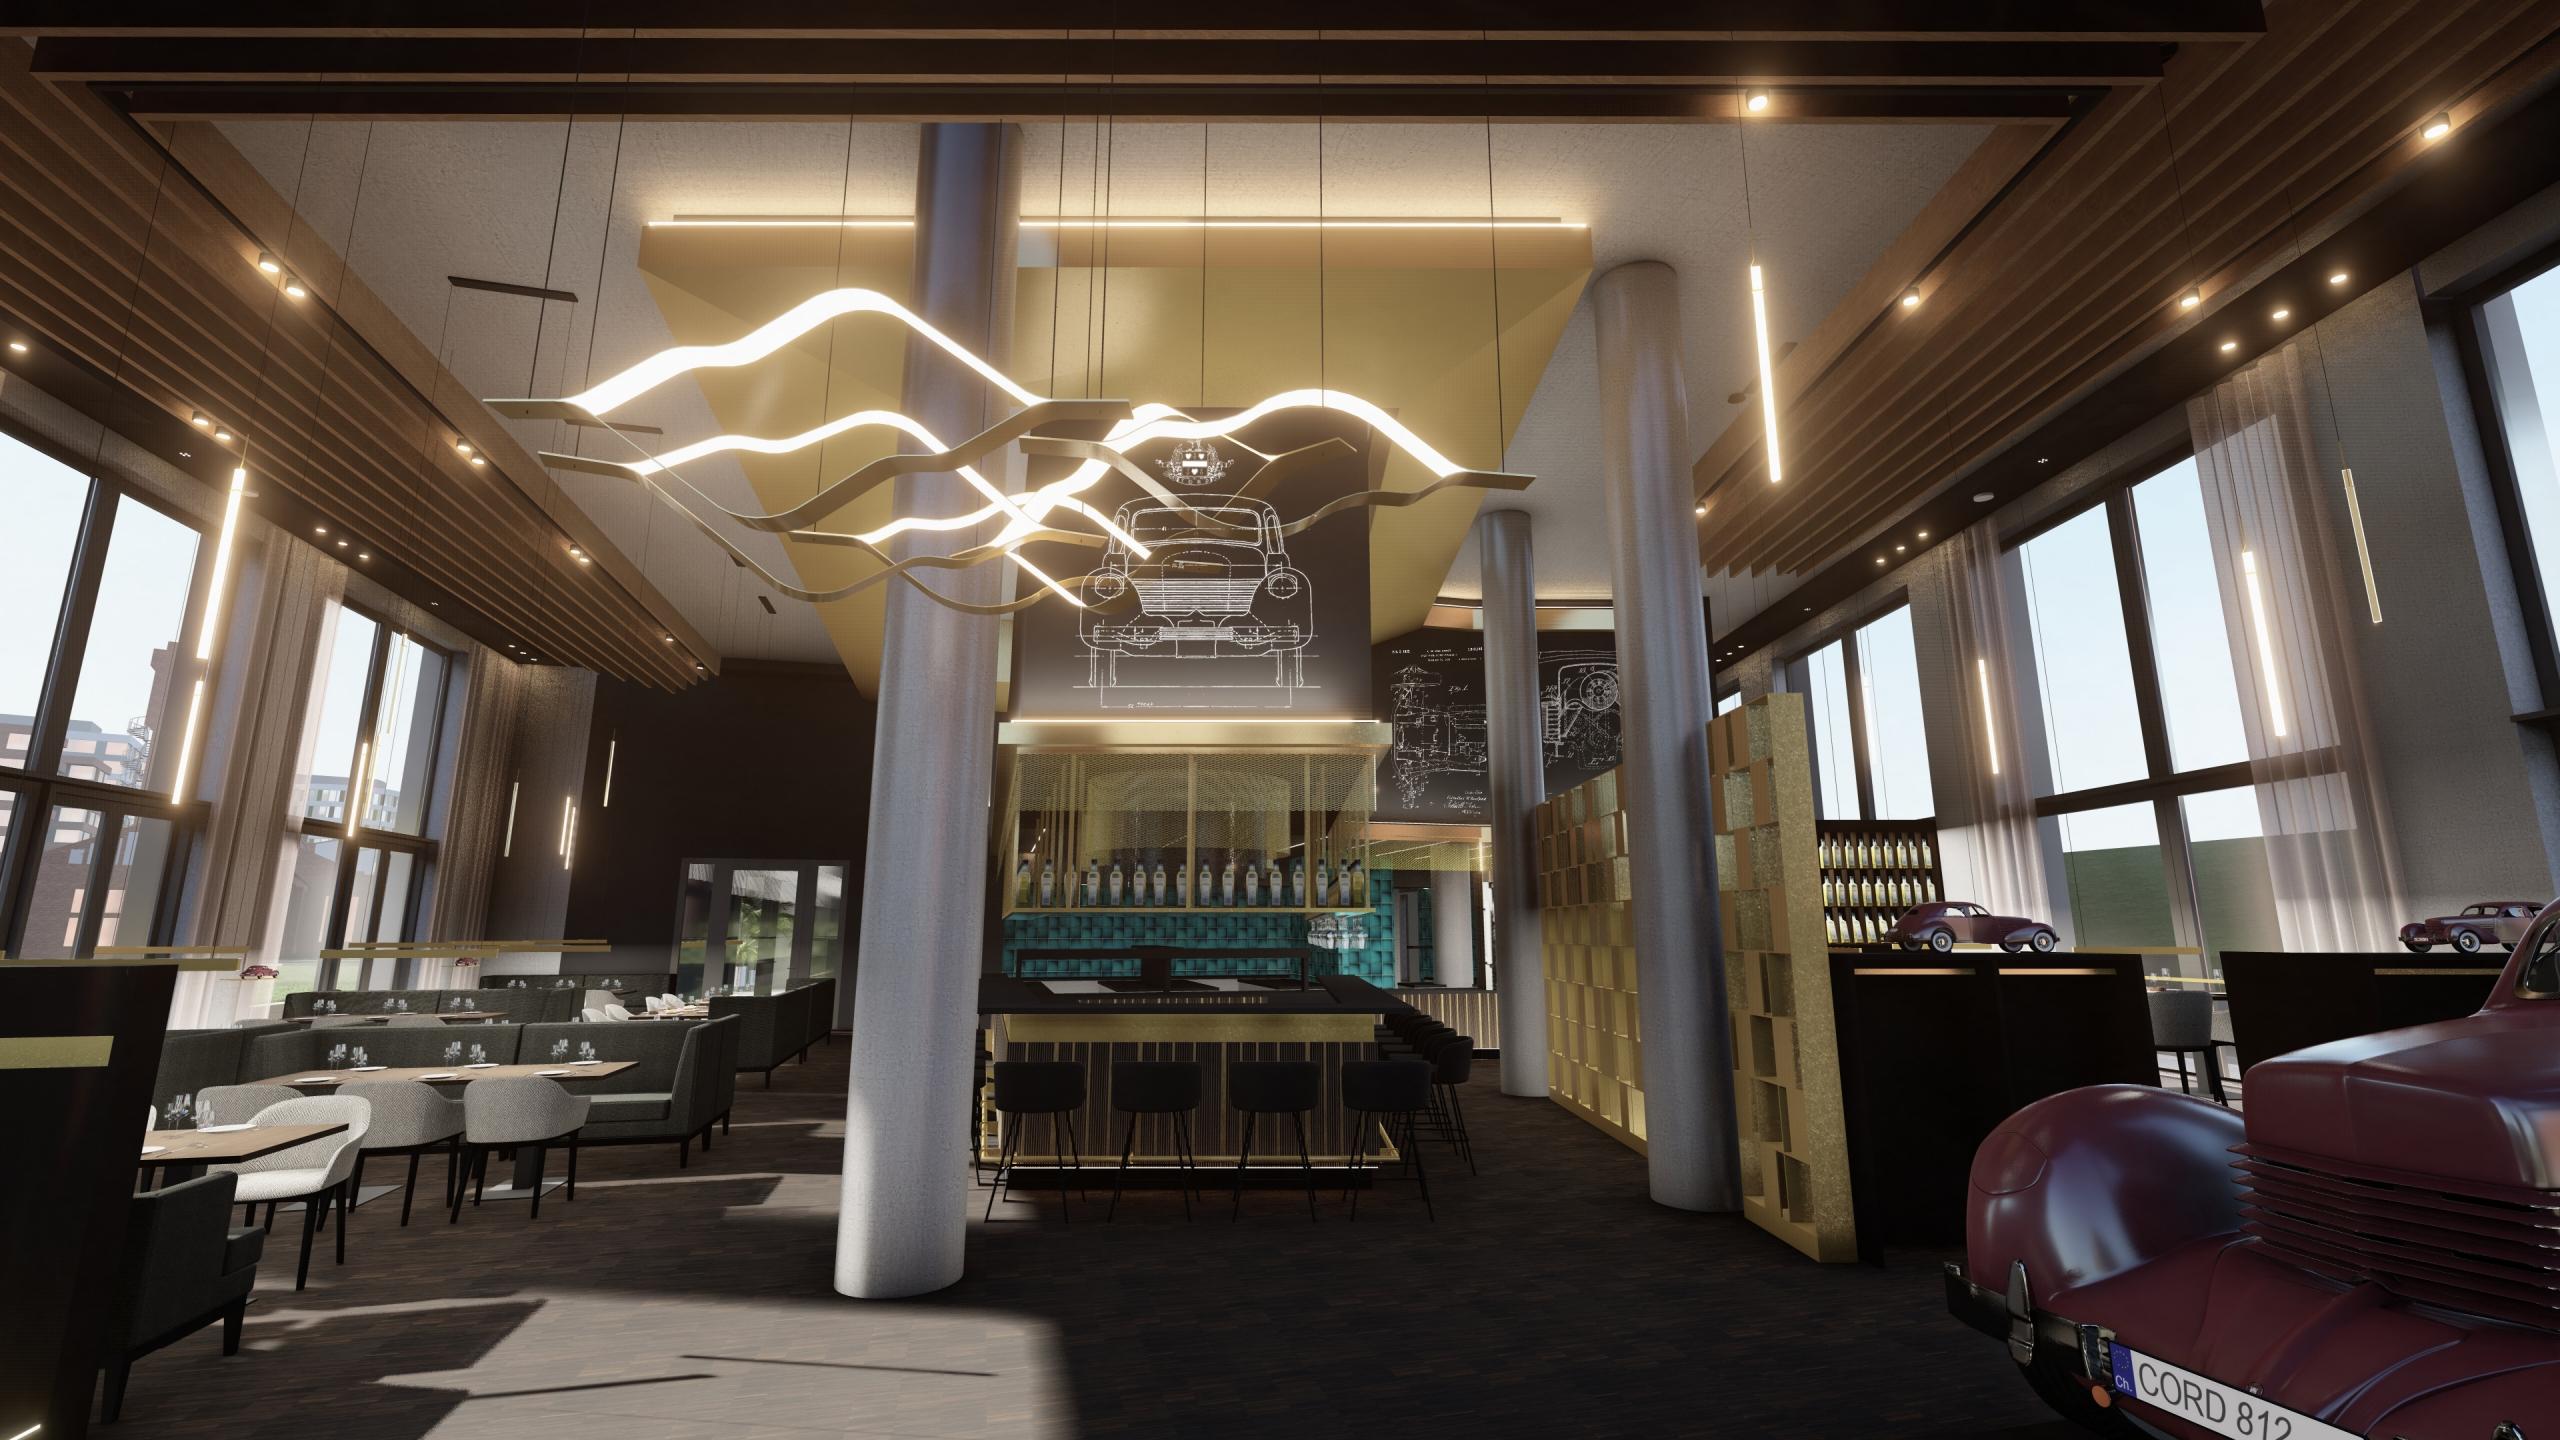 The CORD Interior